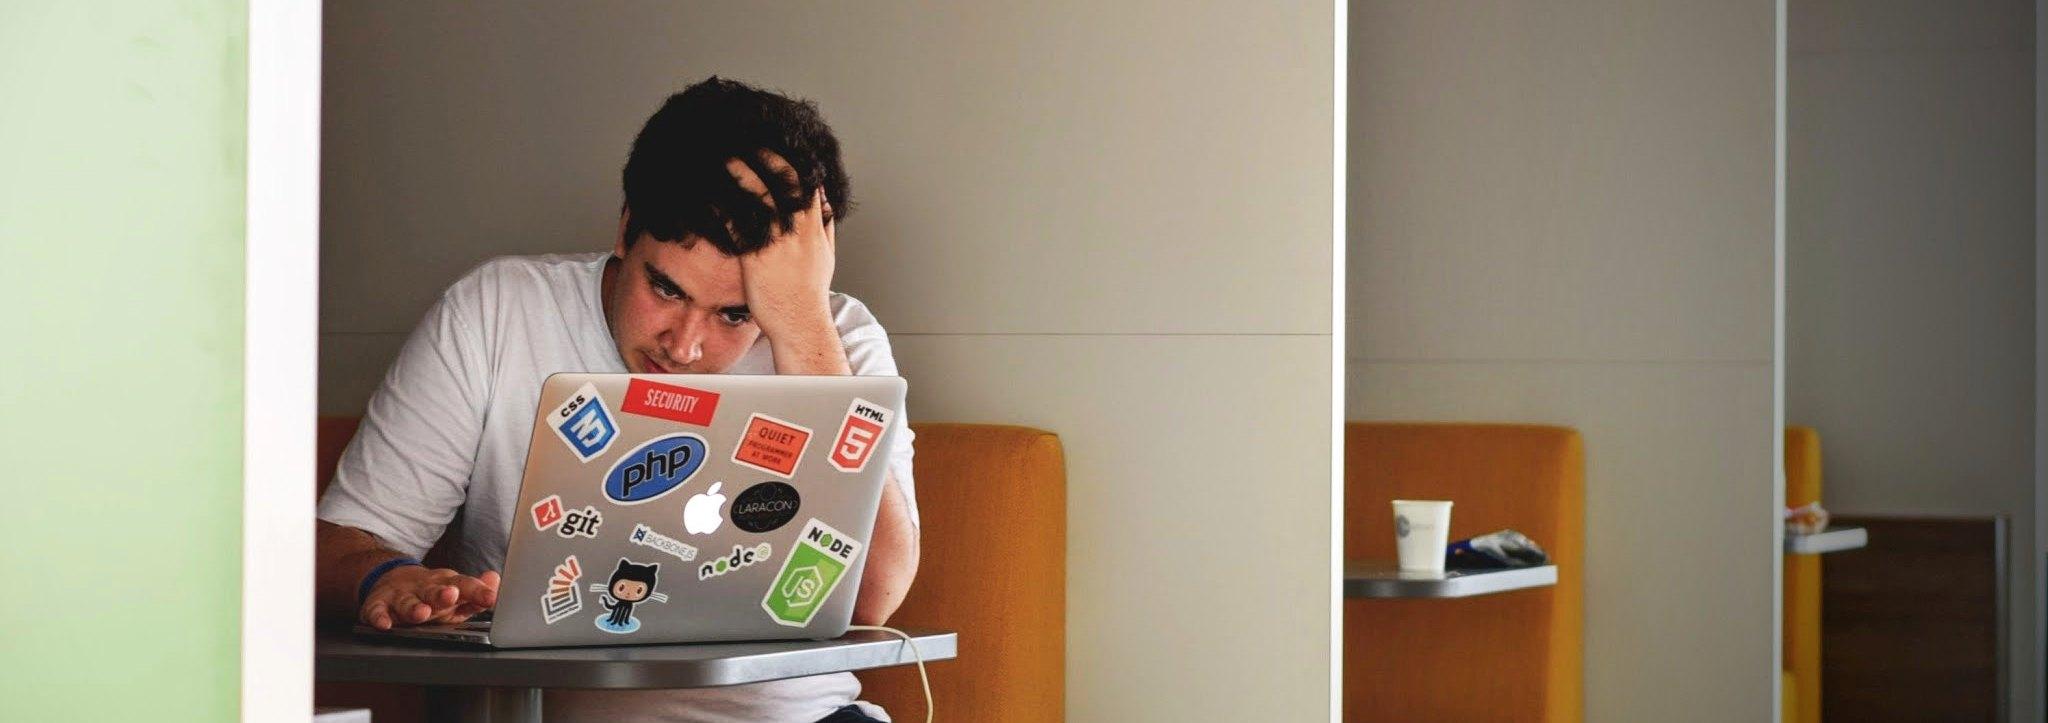 stressed student banner - tim-gouw-68319-unsplash